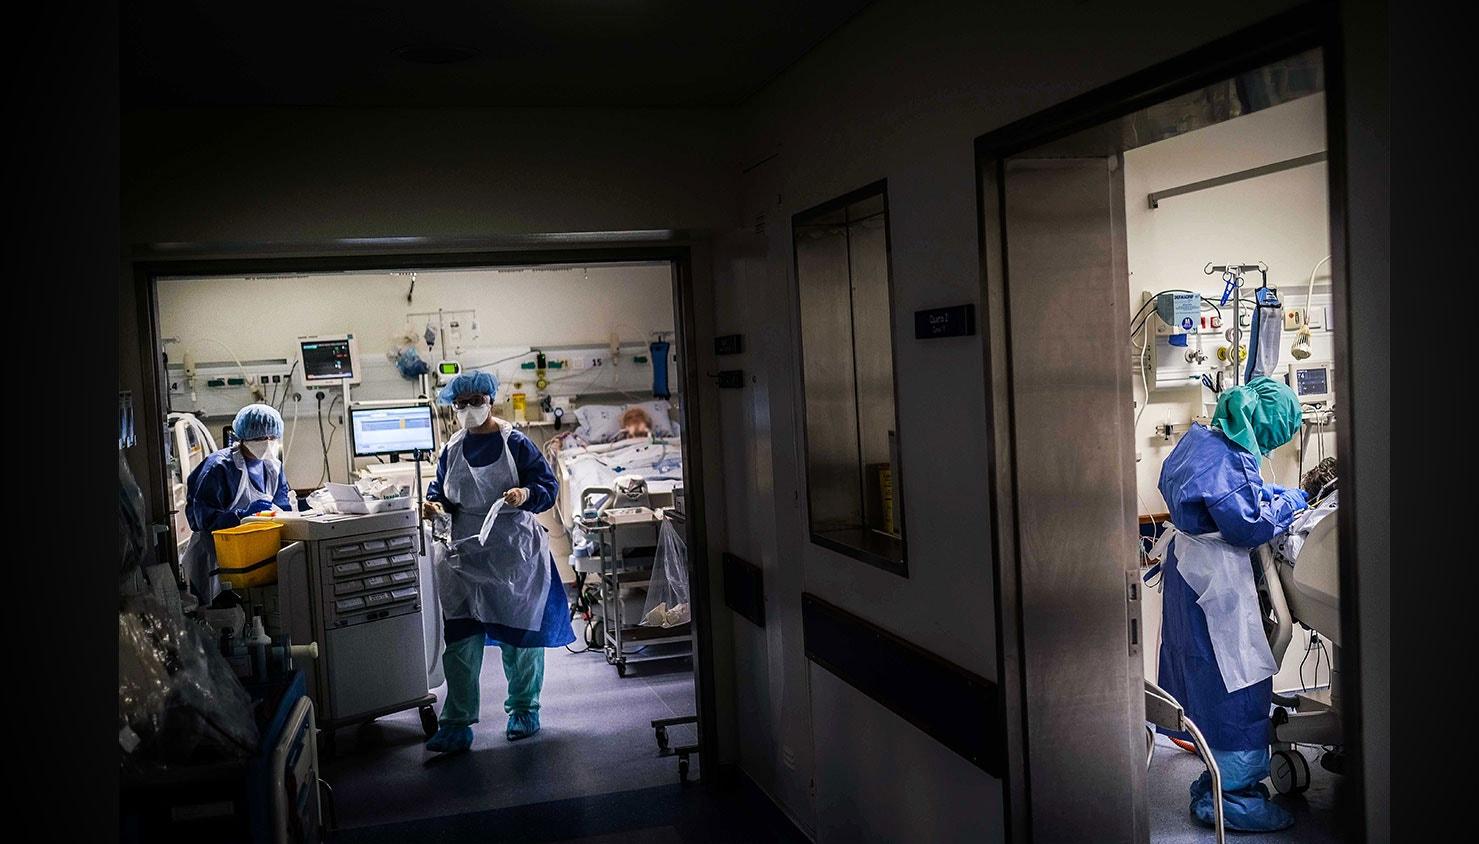 Enfermeiros percorrem os vários quartos da Unidade de cuidados intensivos dos doentes com Covid-19. / Mário Cruz - Lusa